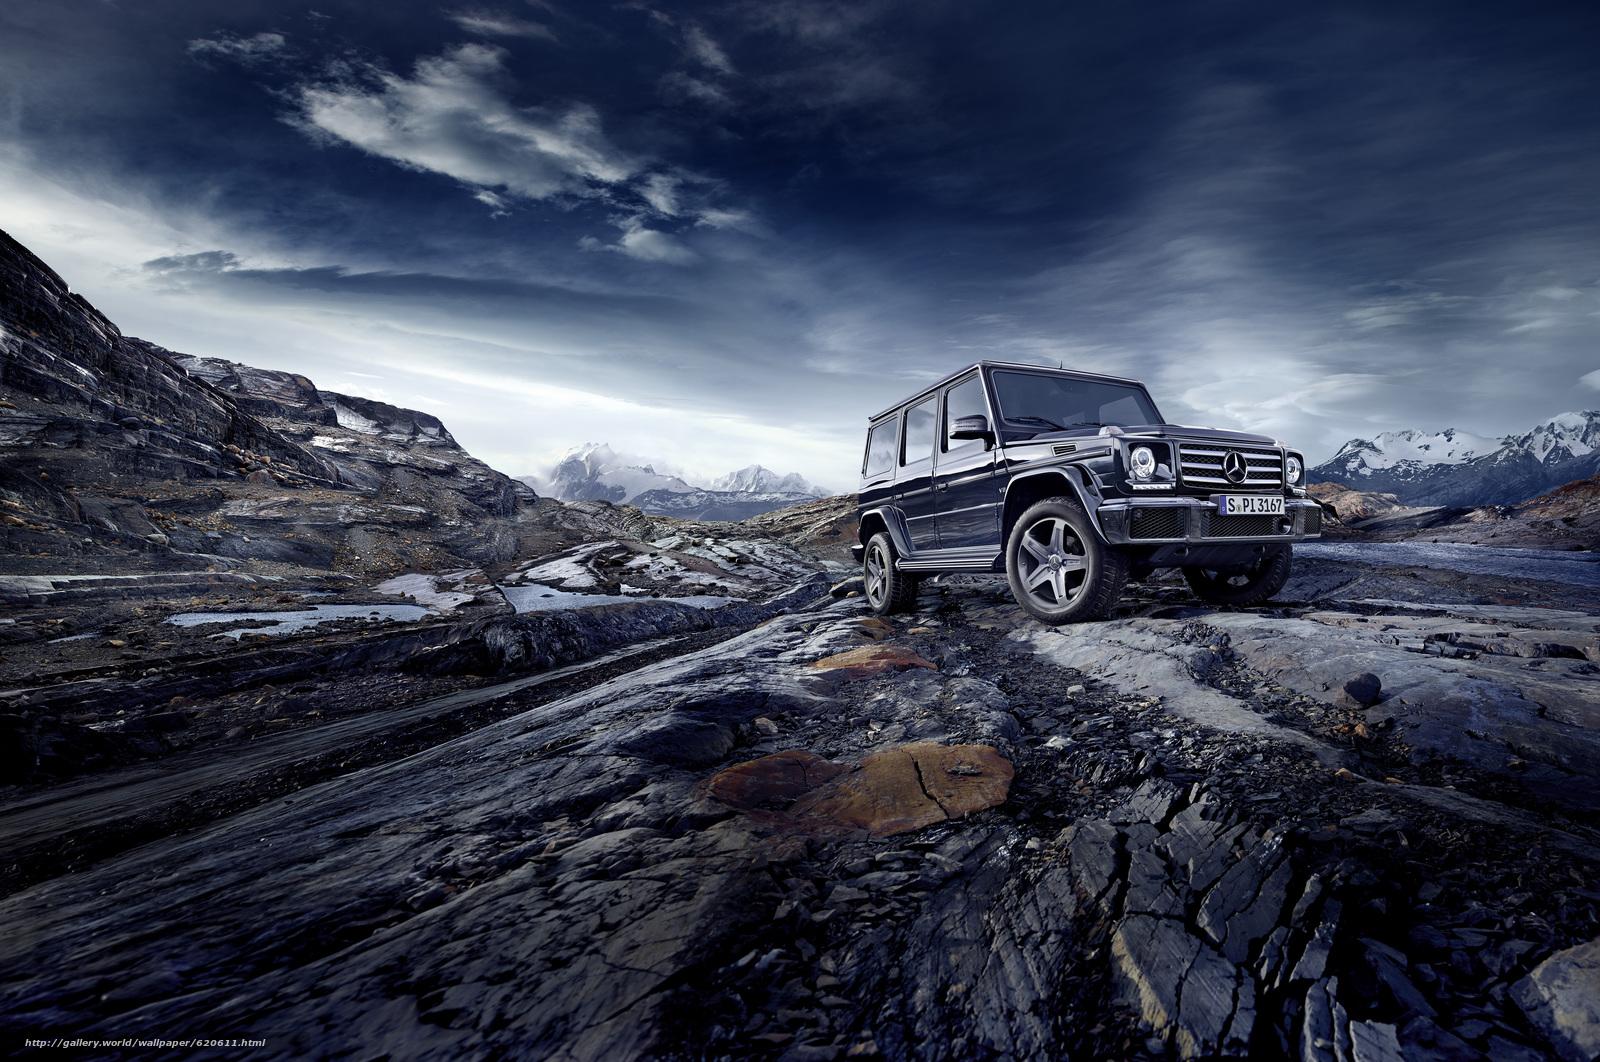 Скачать обои Mercedes-Benz,  G-Class,  Gelandewagen бесплатно для рабочего стола в разрешении 4961x3292 — картинка №620611